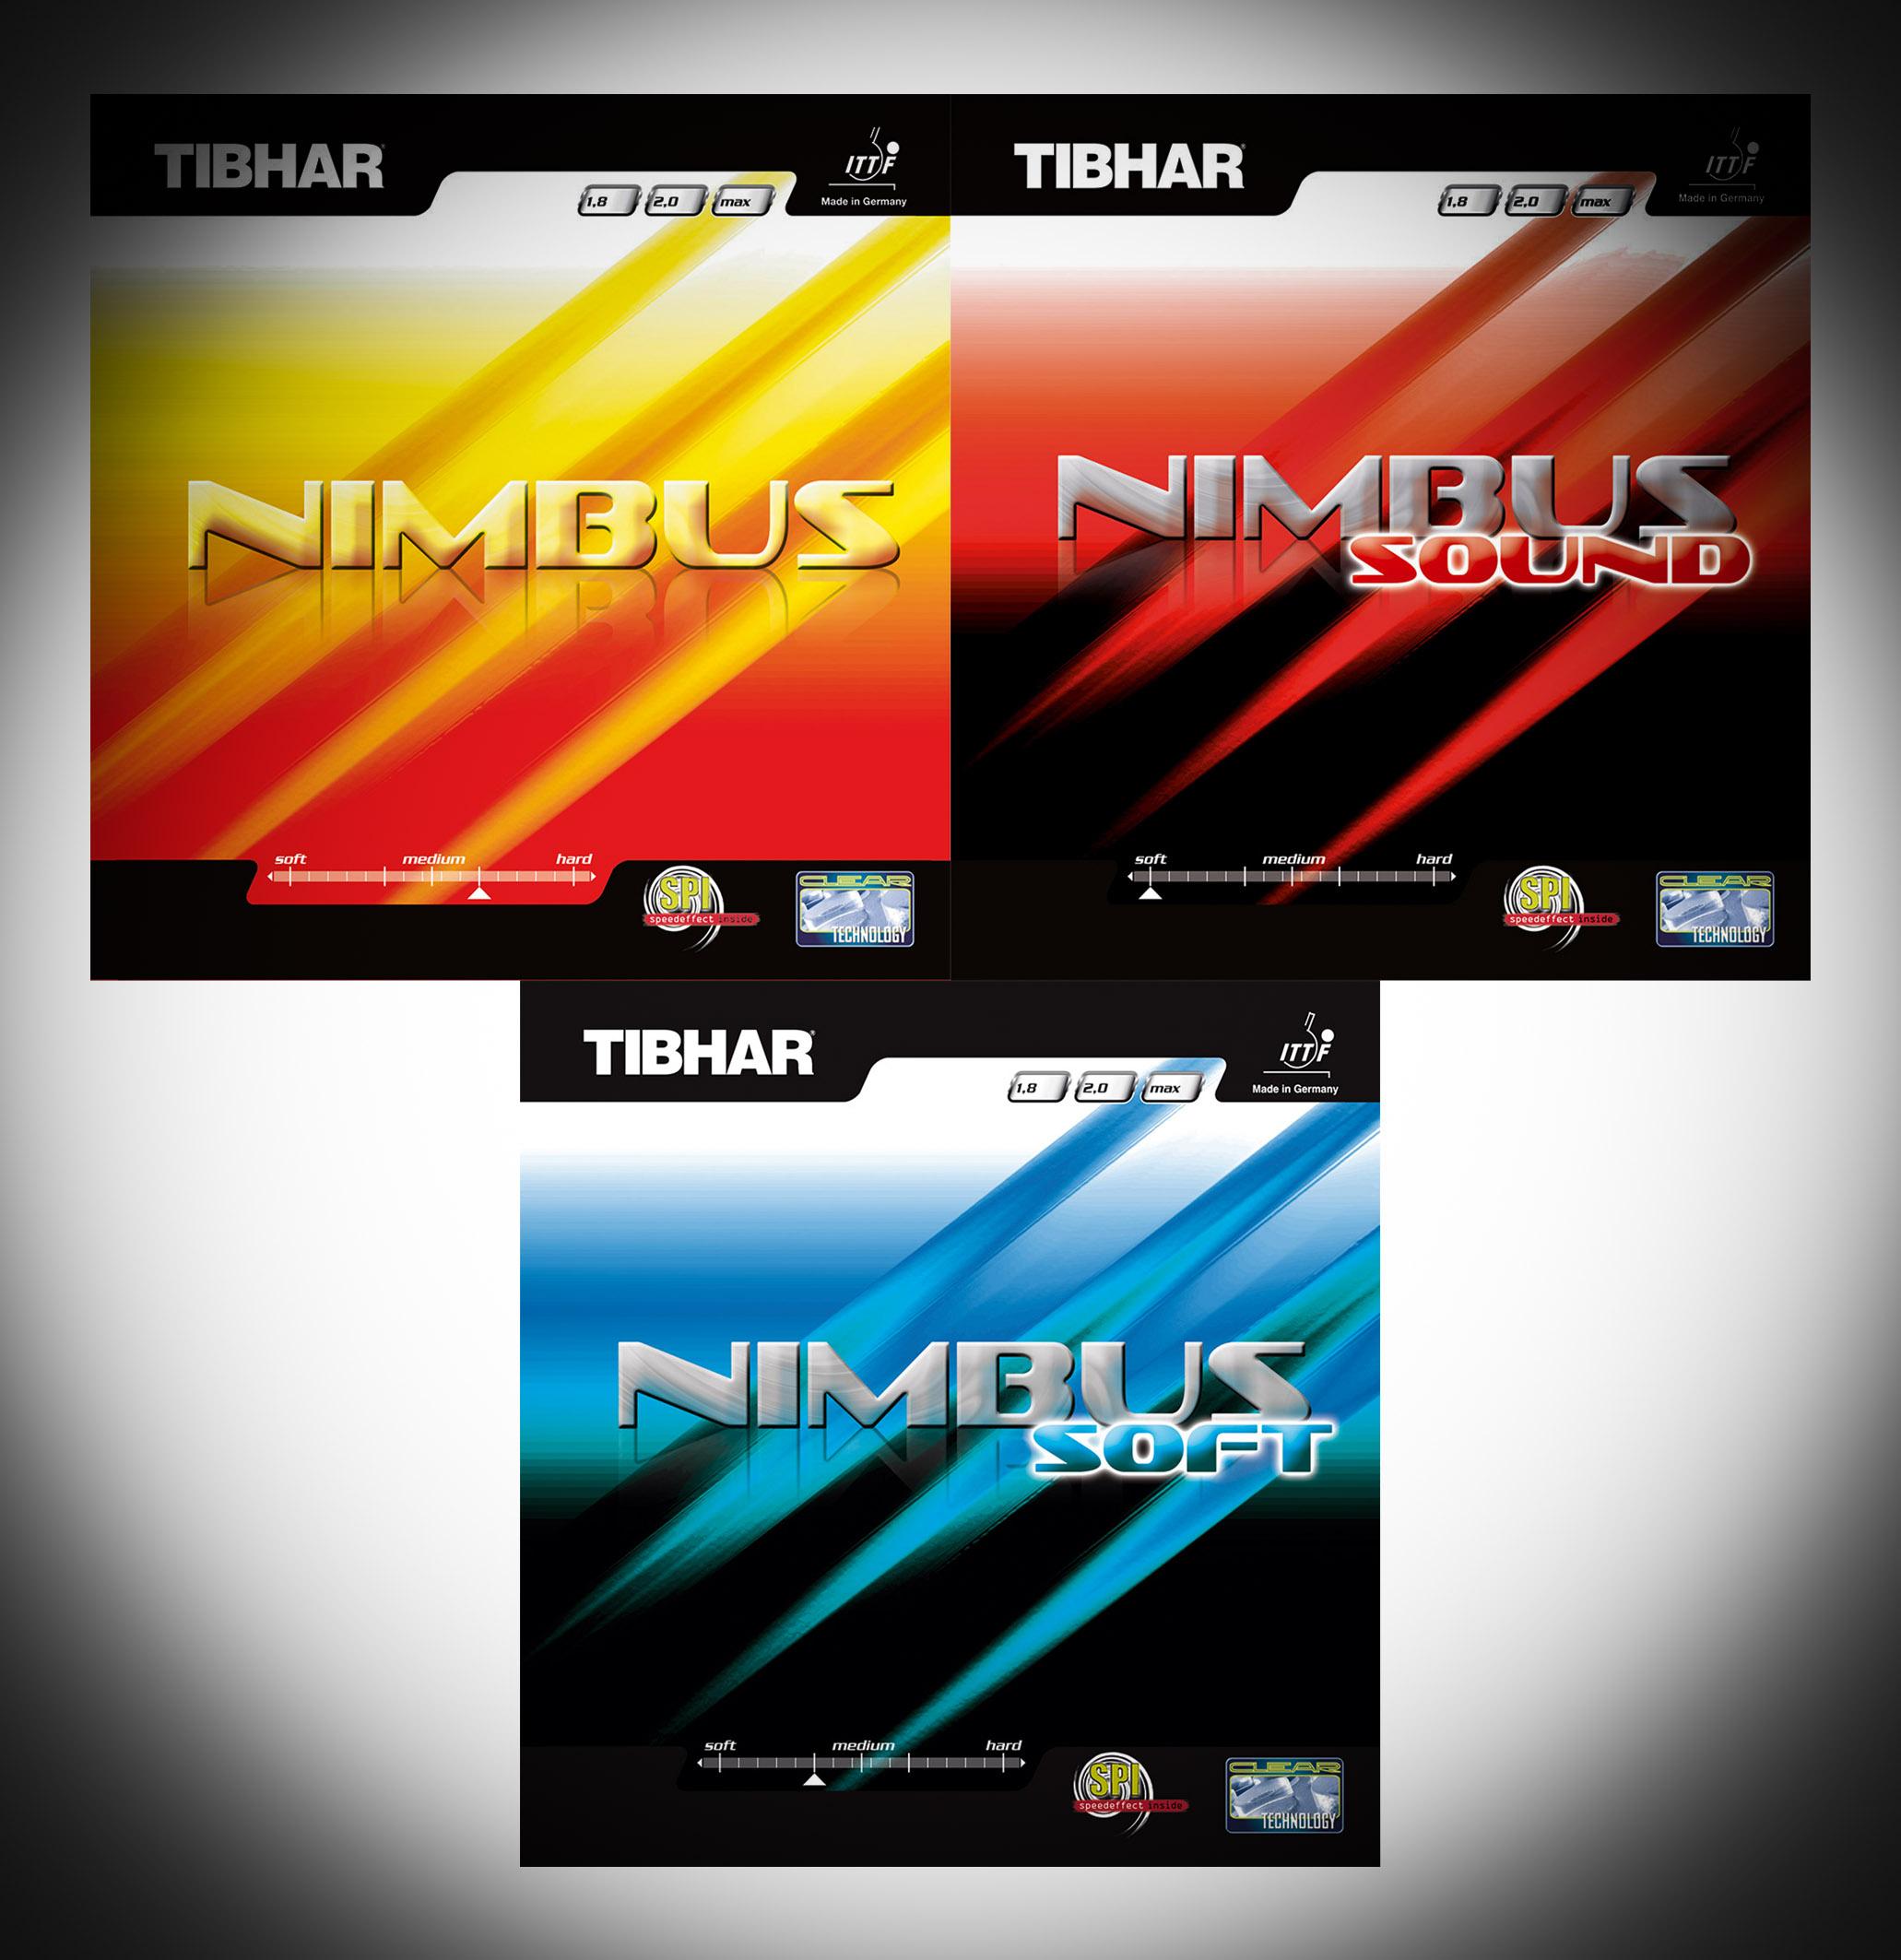 tibhar-nimbus-original-soft-oder-sound-neu-delta-v-oder-s-2er-belag-sparset